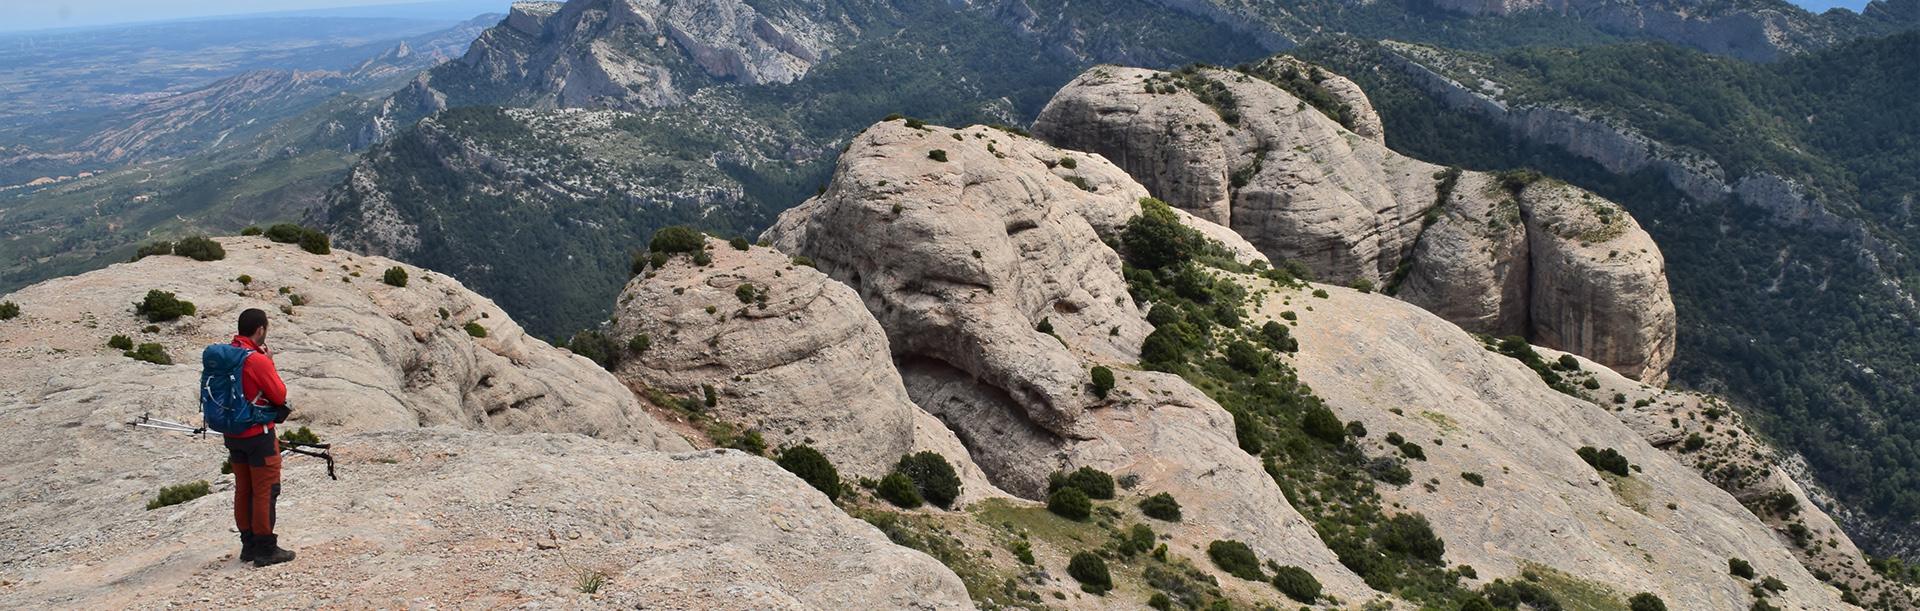 Les Roques de Benet – Parc Naturel Els Ports